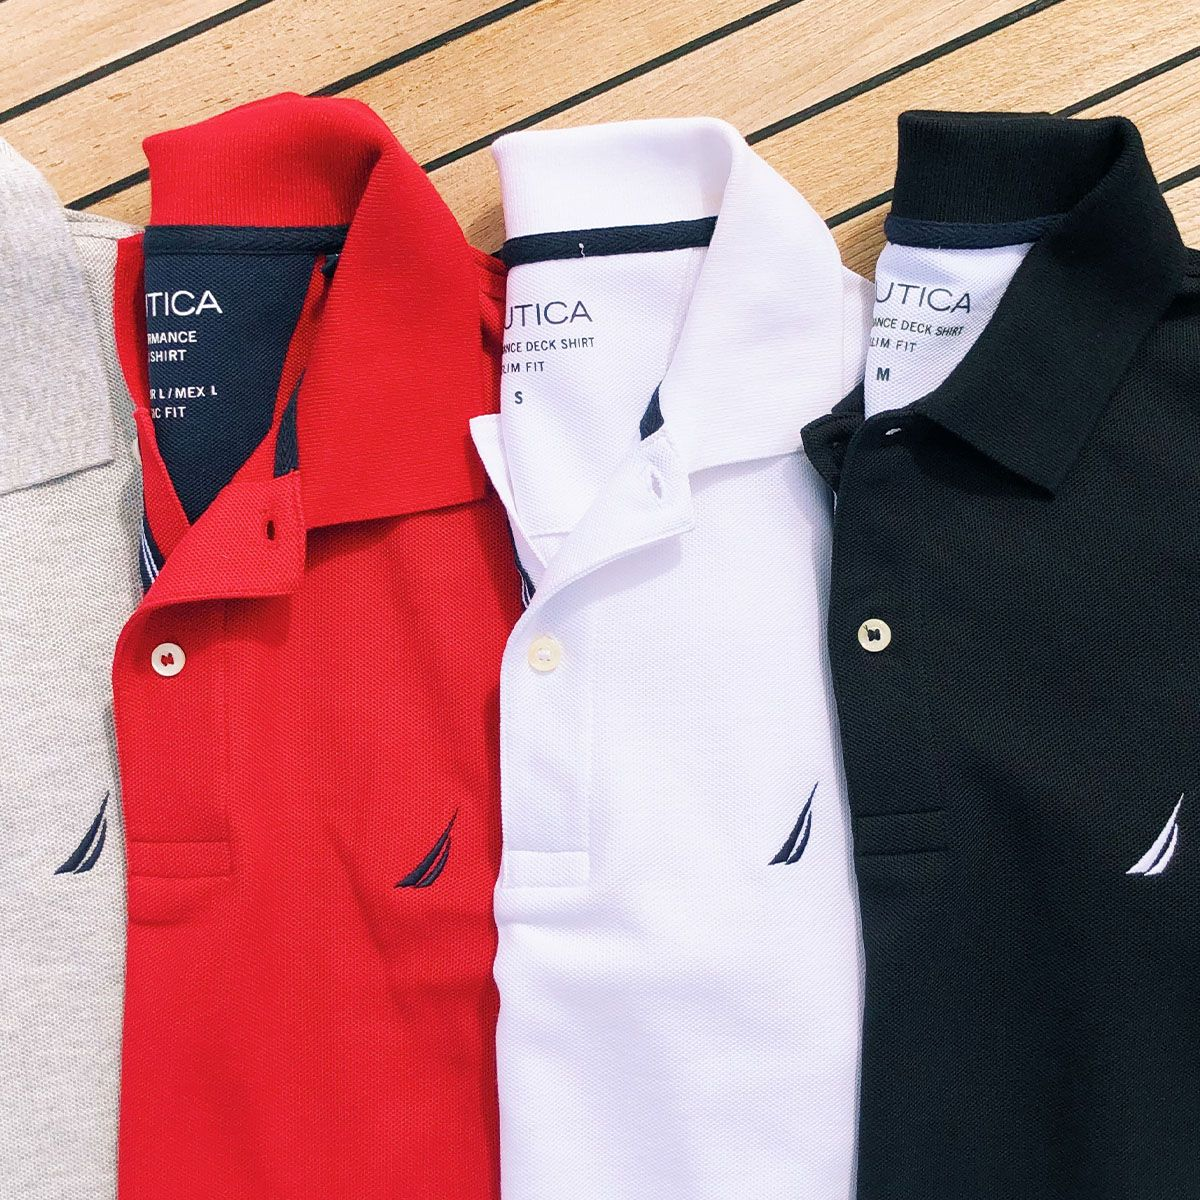 Polo and Shirts